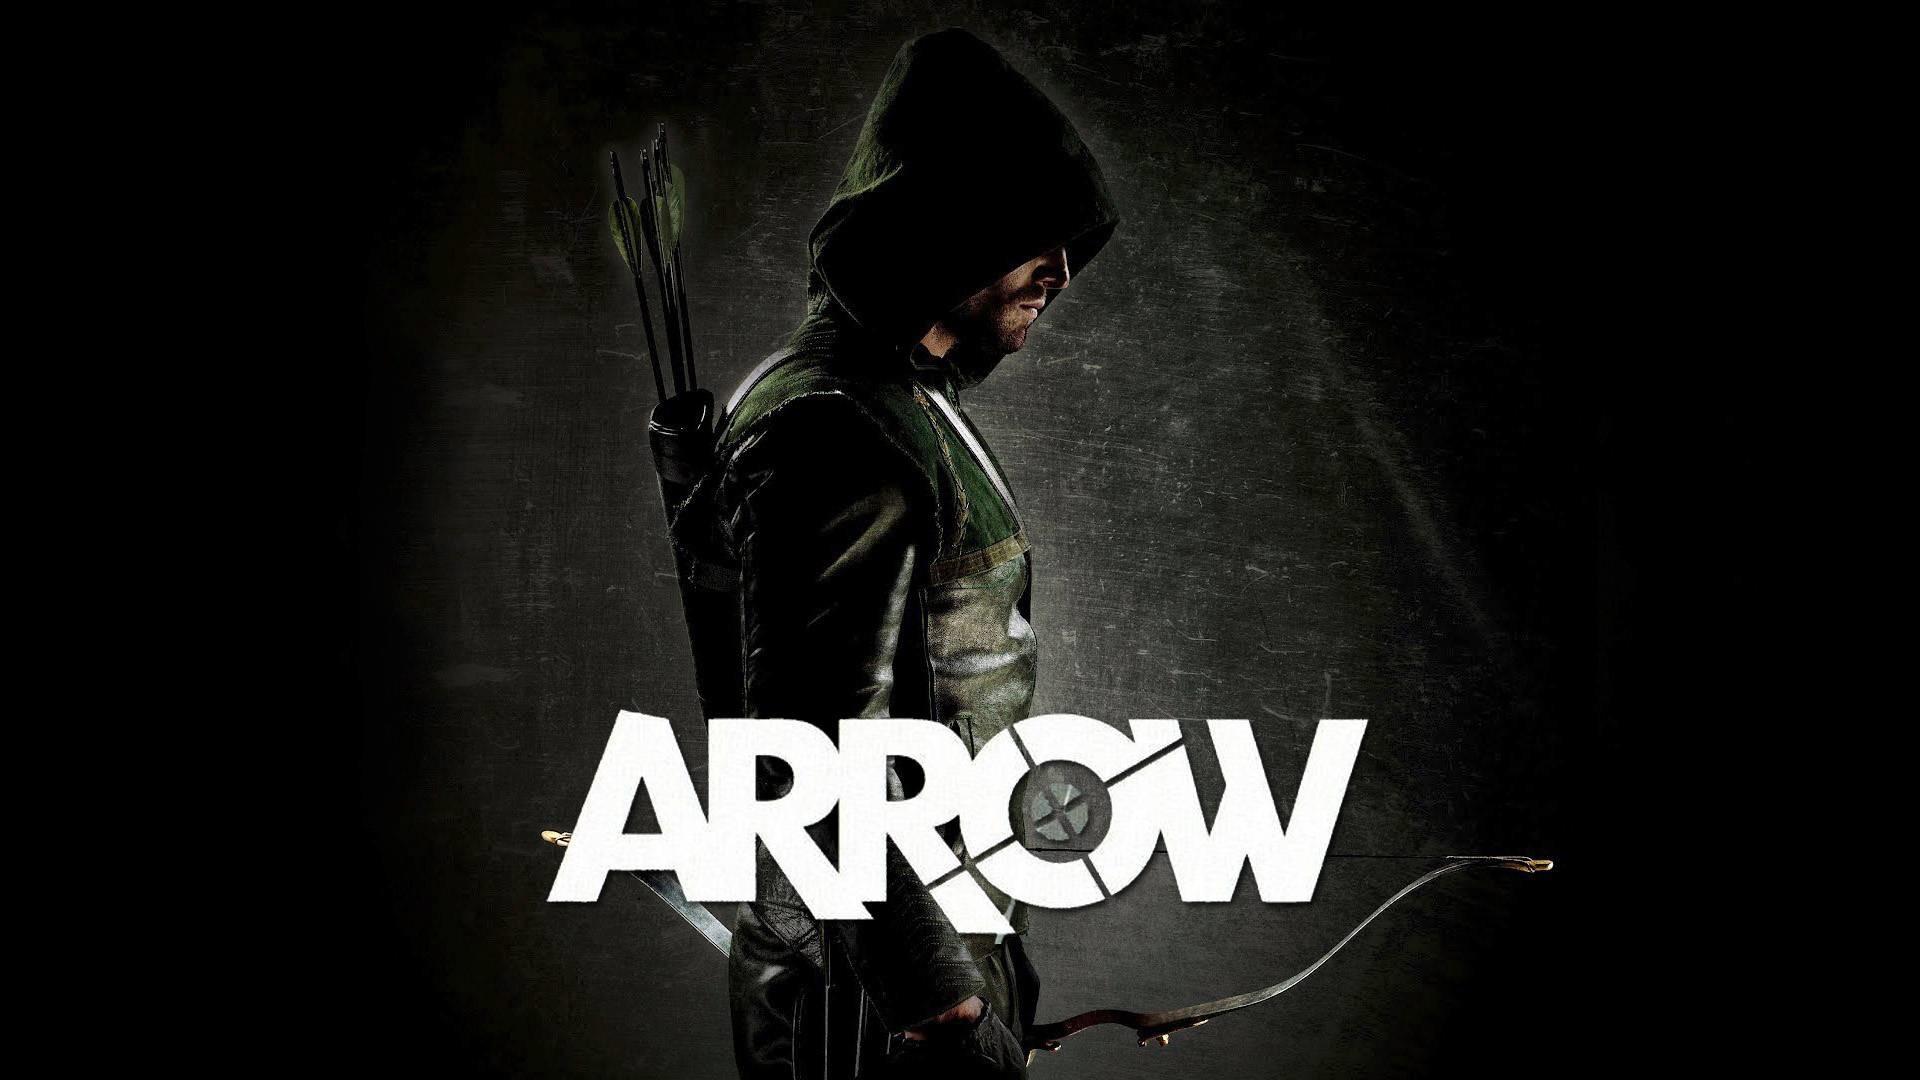 Arrow HD Desktop